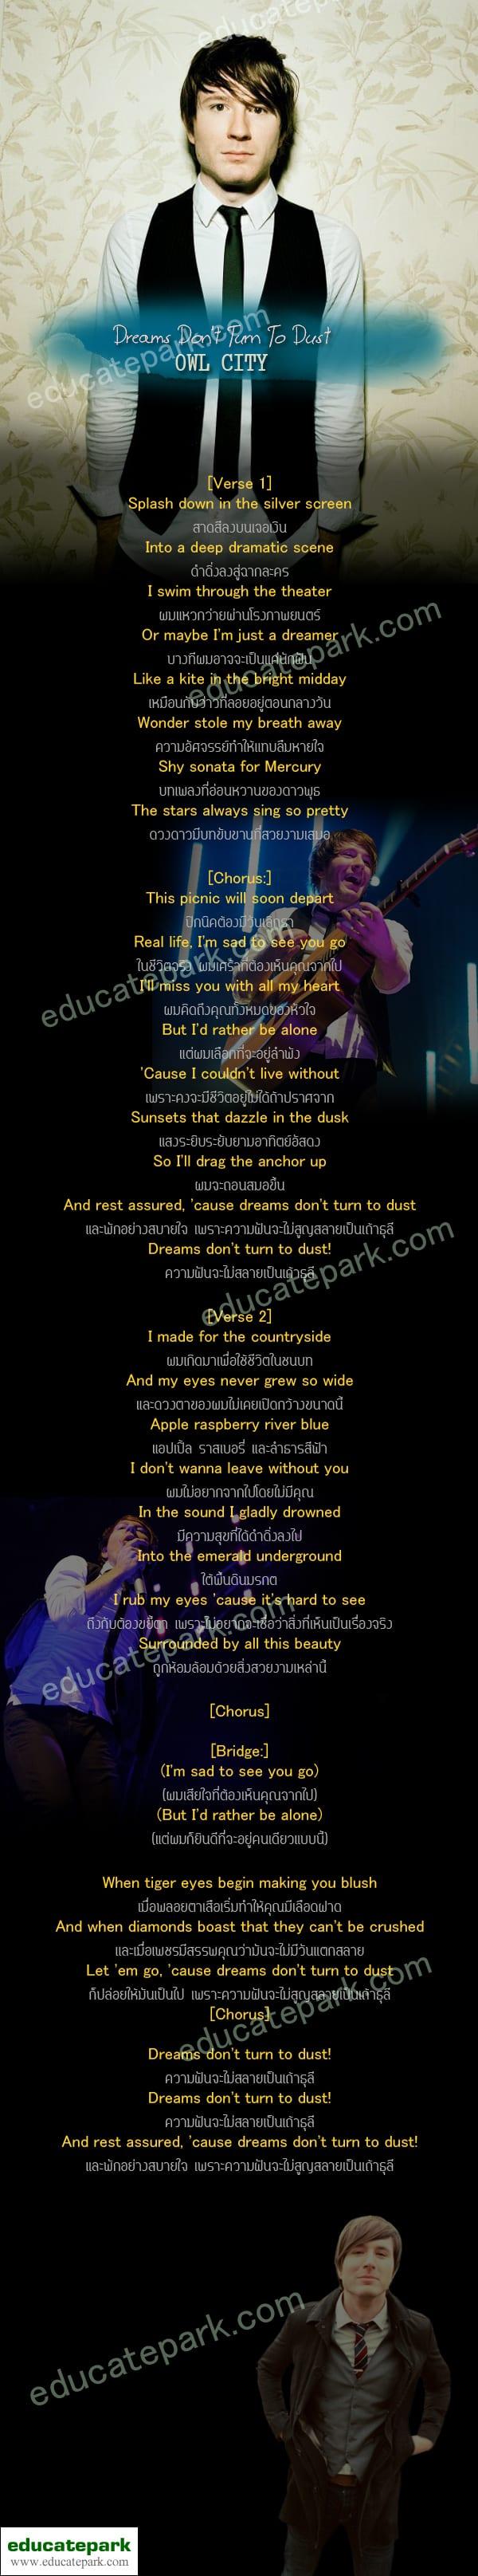 แปลเพลง Dreams Don't Turn To Dust - Owl City